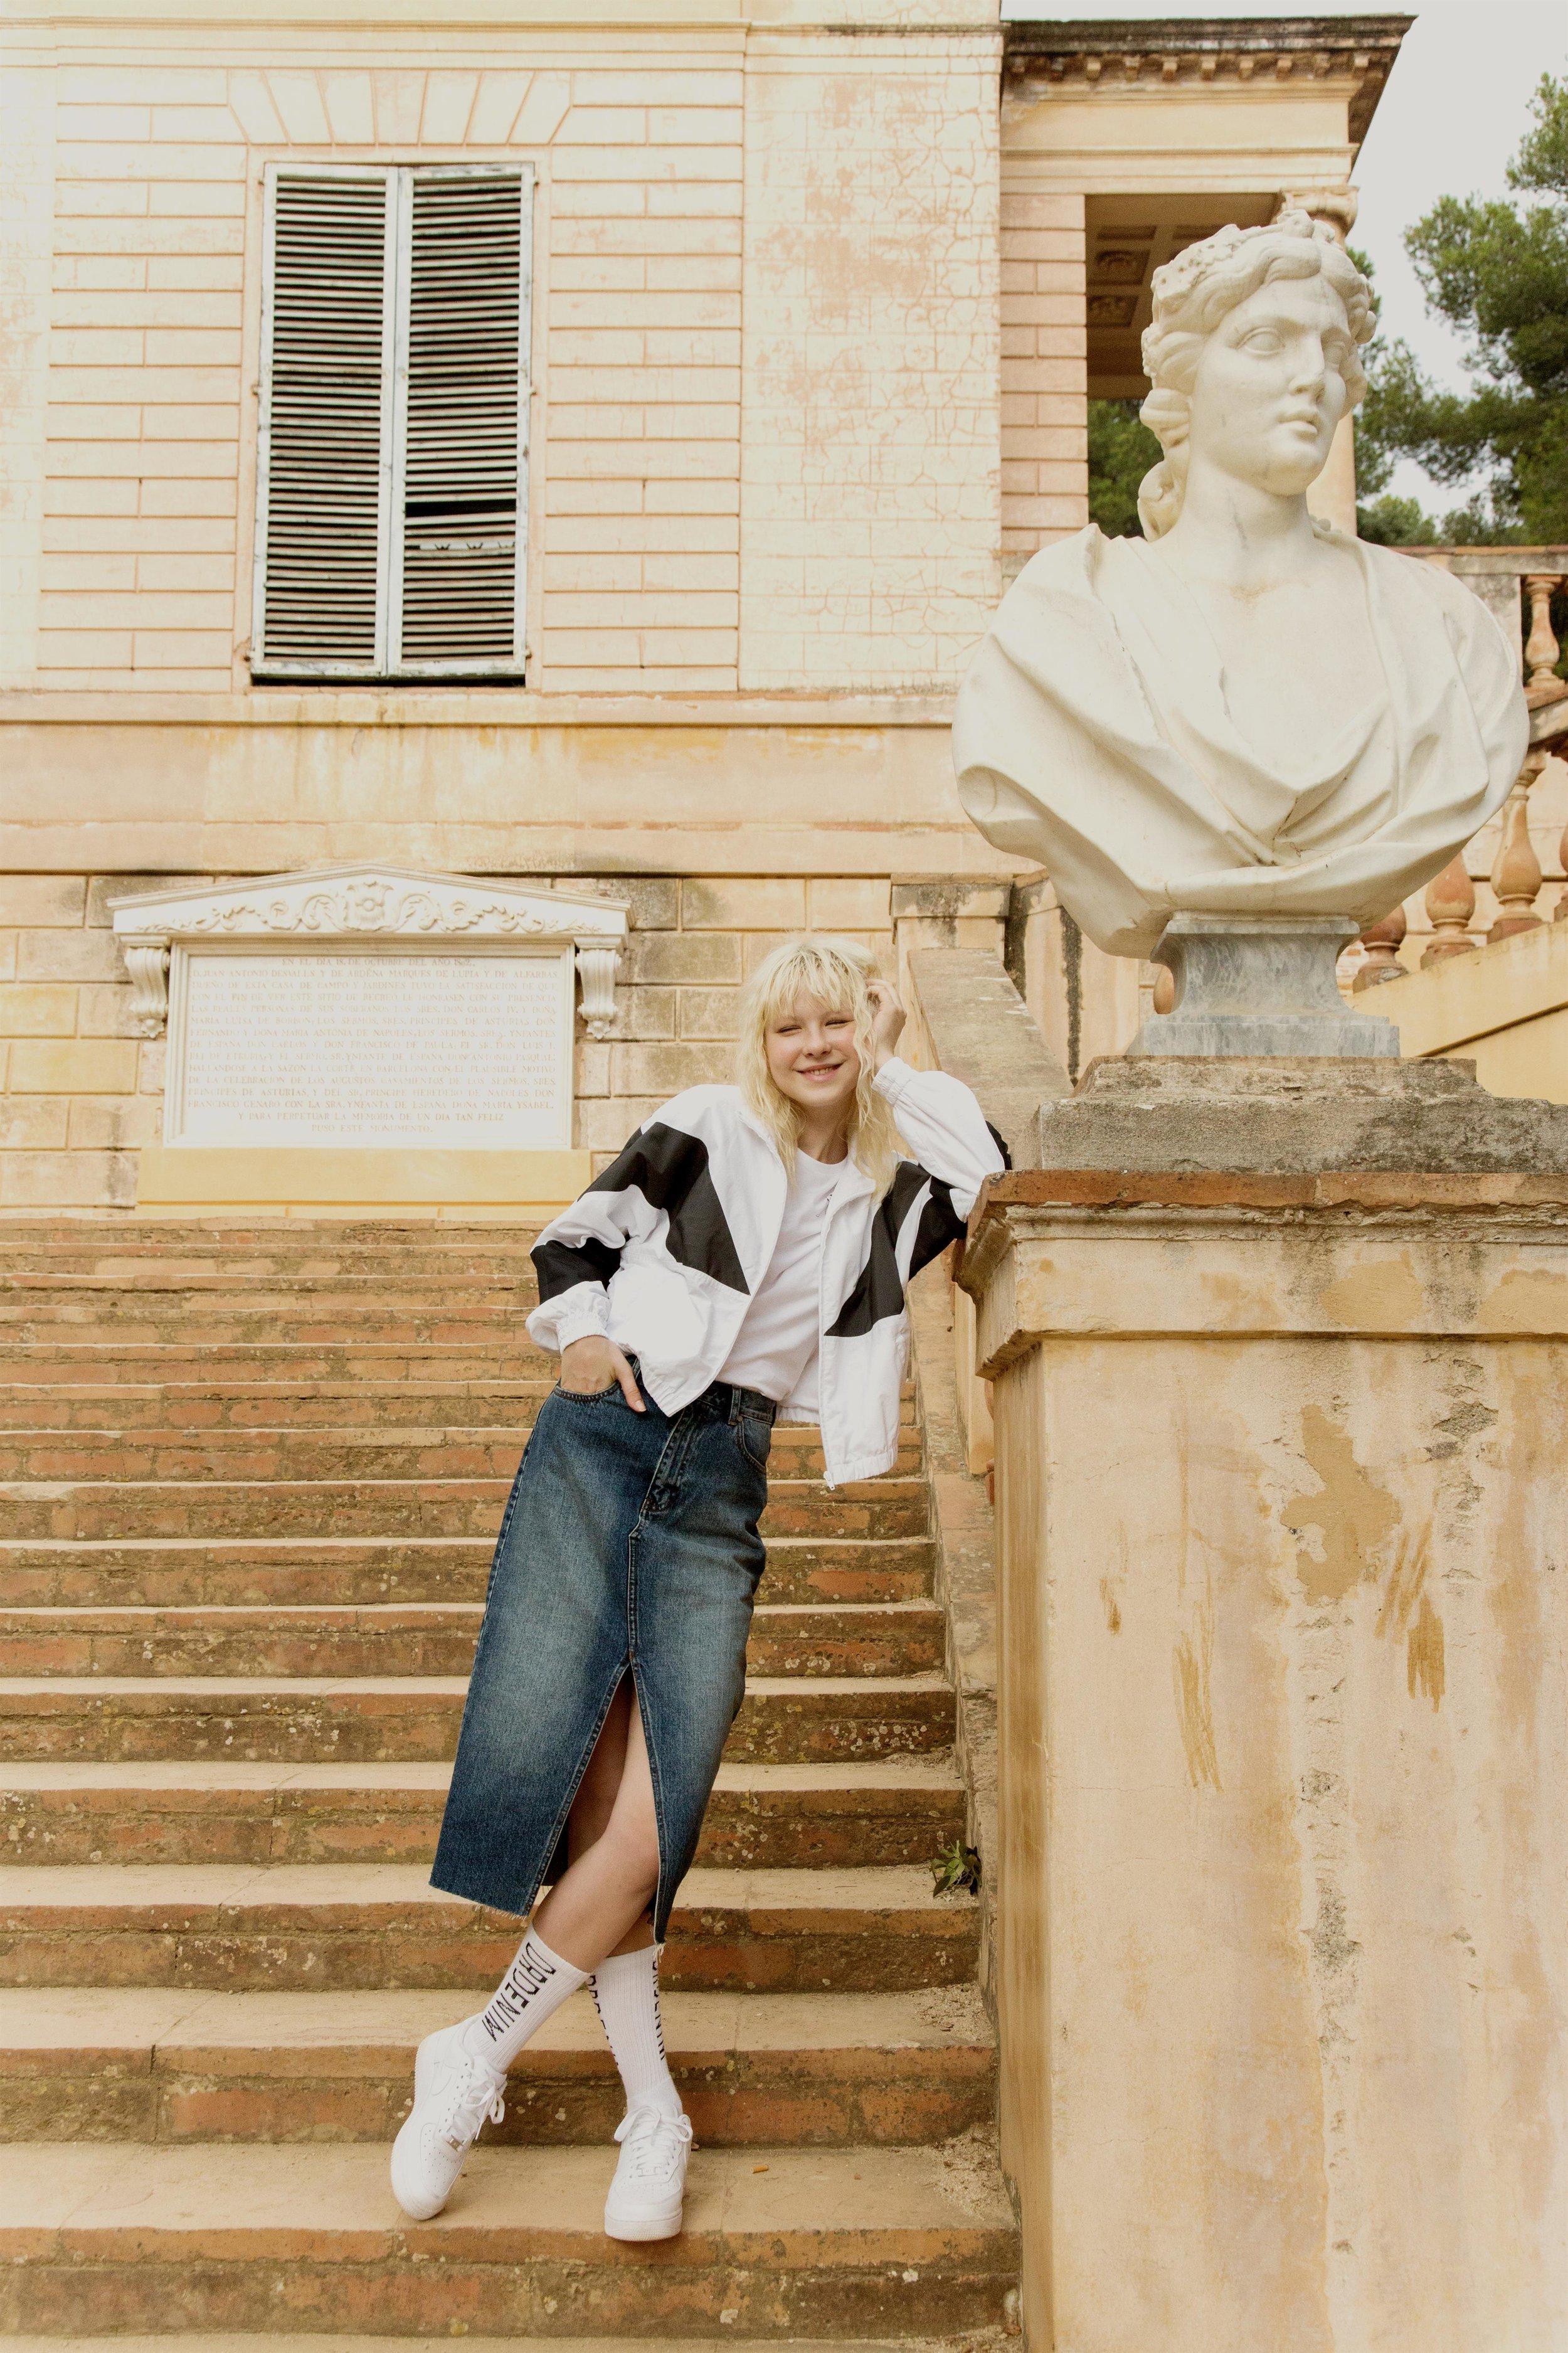 חצאית גינס של המותג Dr Denim 380 שקל צילום דר דנים.jpg